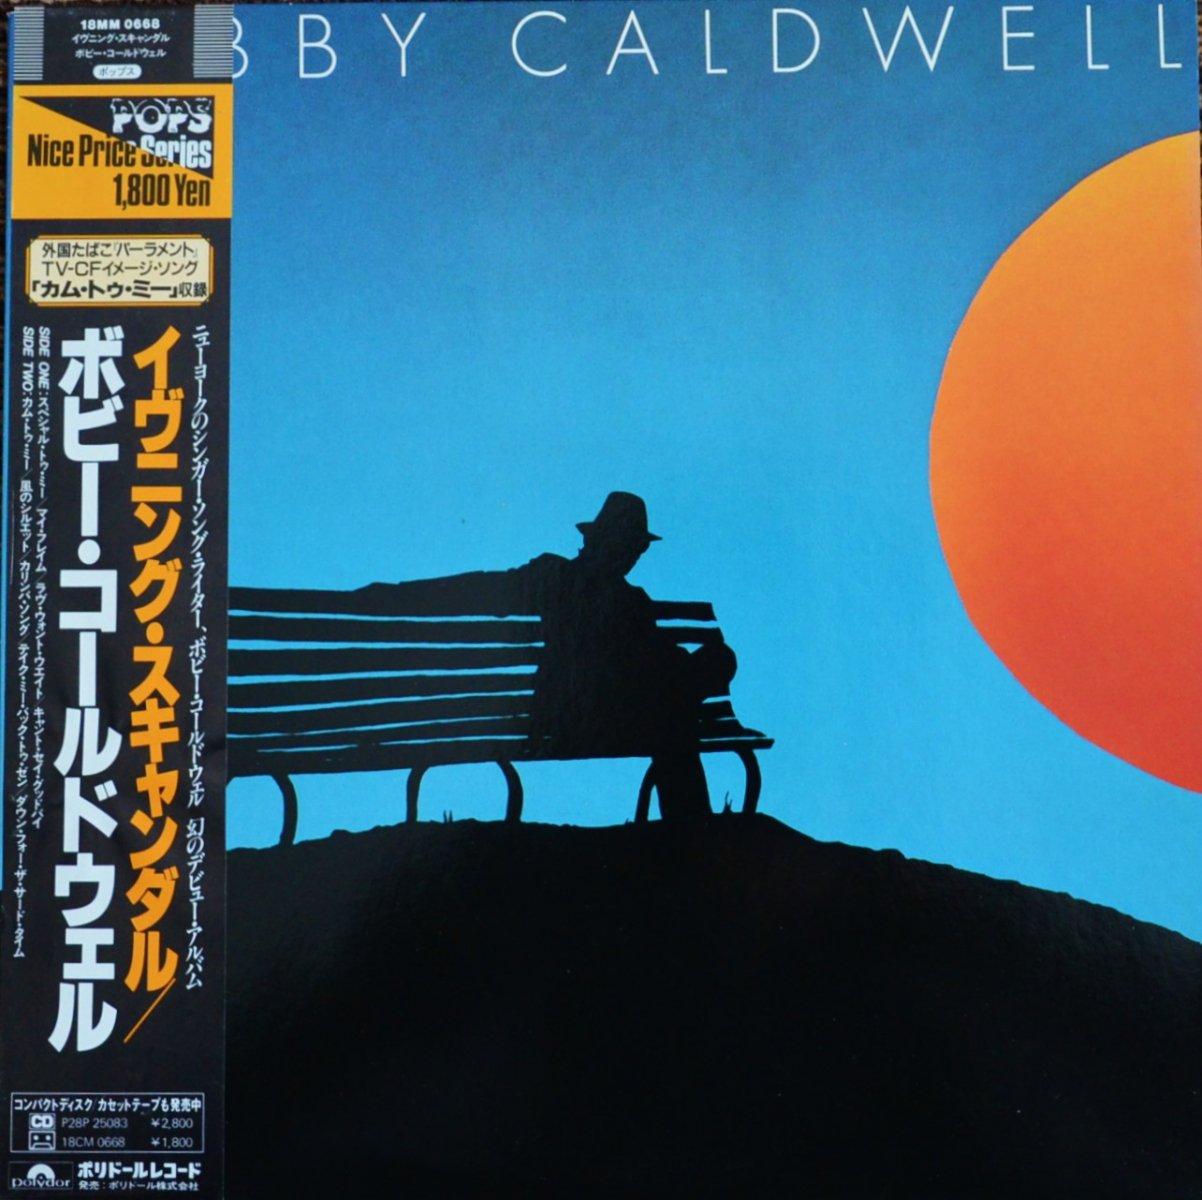 ボビー・コールドウェル BOBBY CALDWELL / イヴニング・スキャンダル BOBBY CALDWELL (LP)